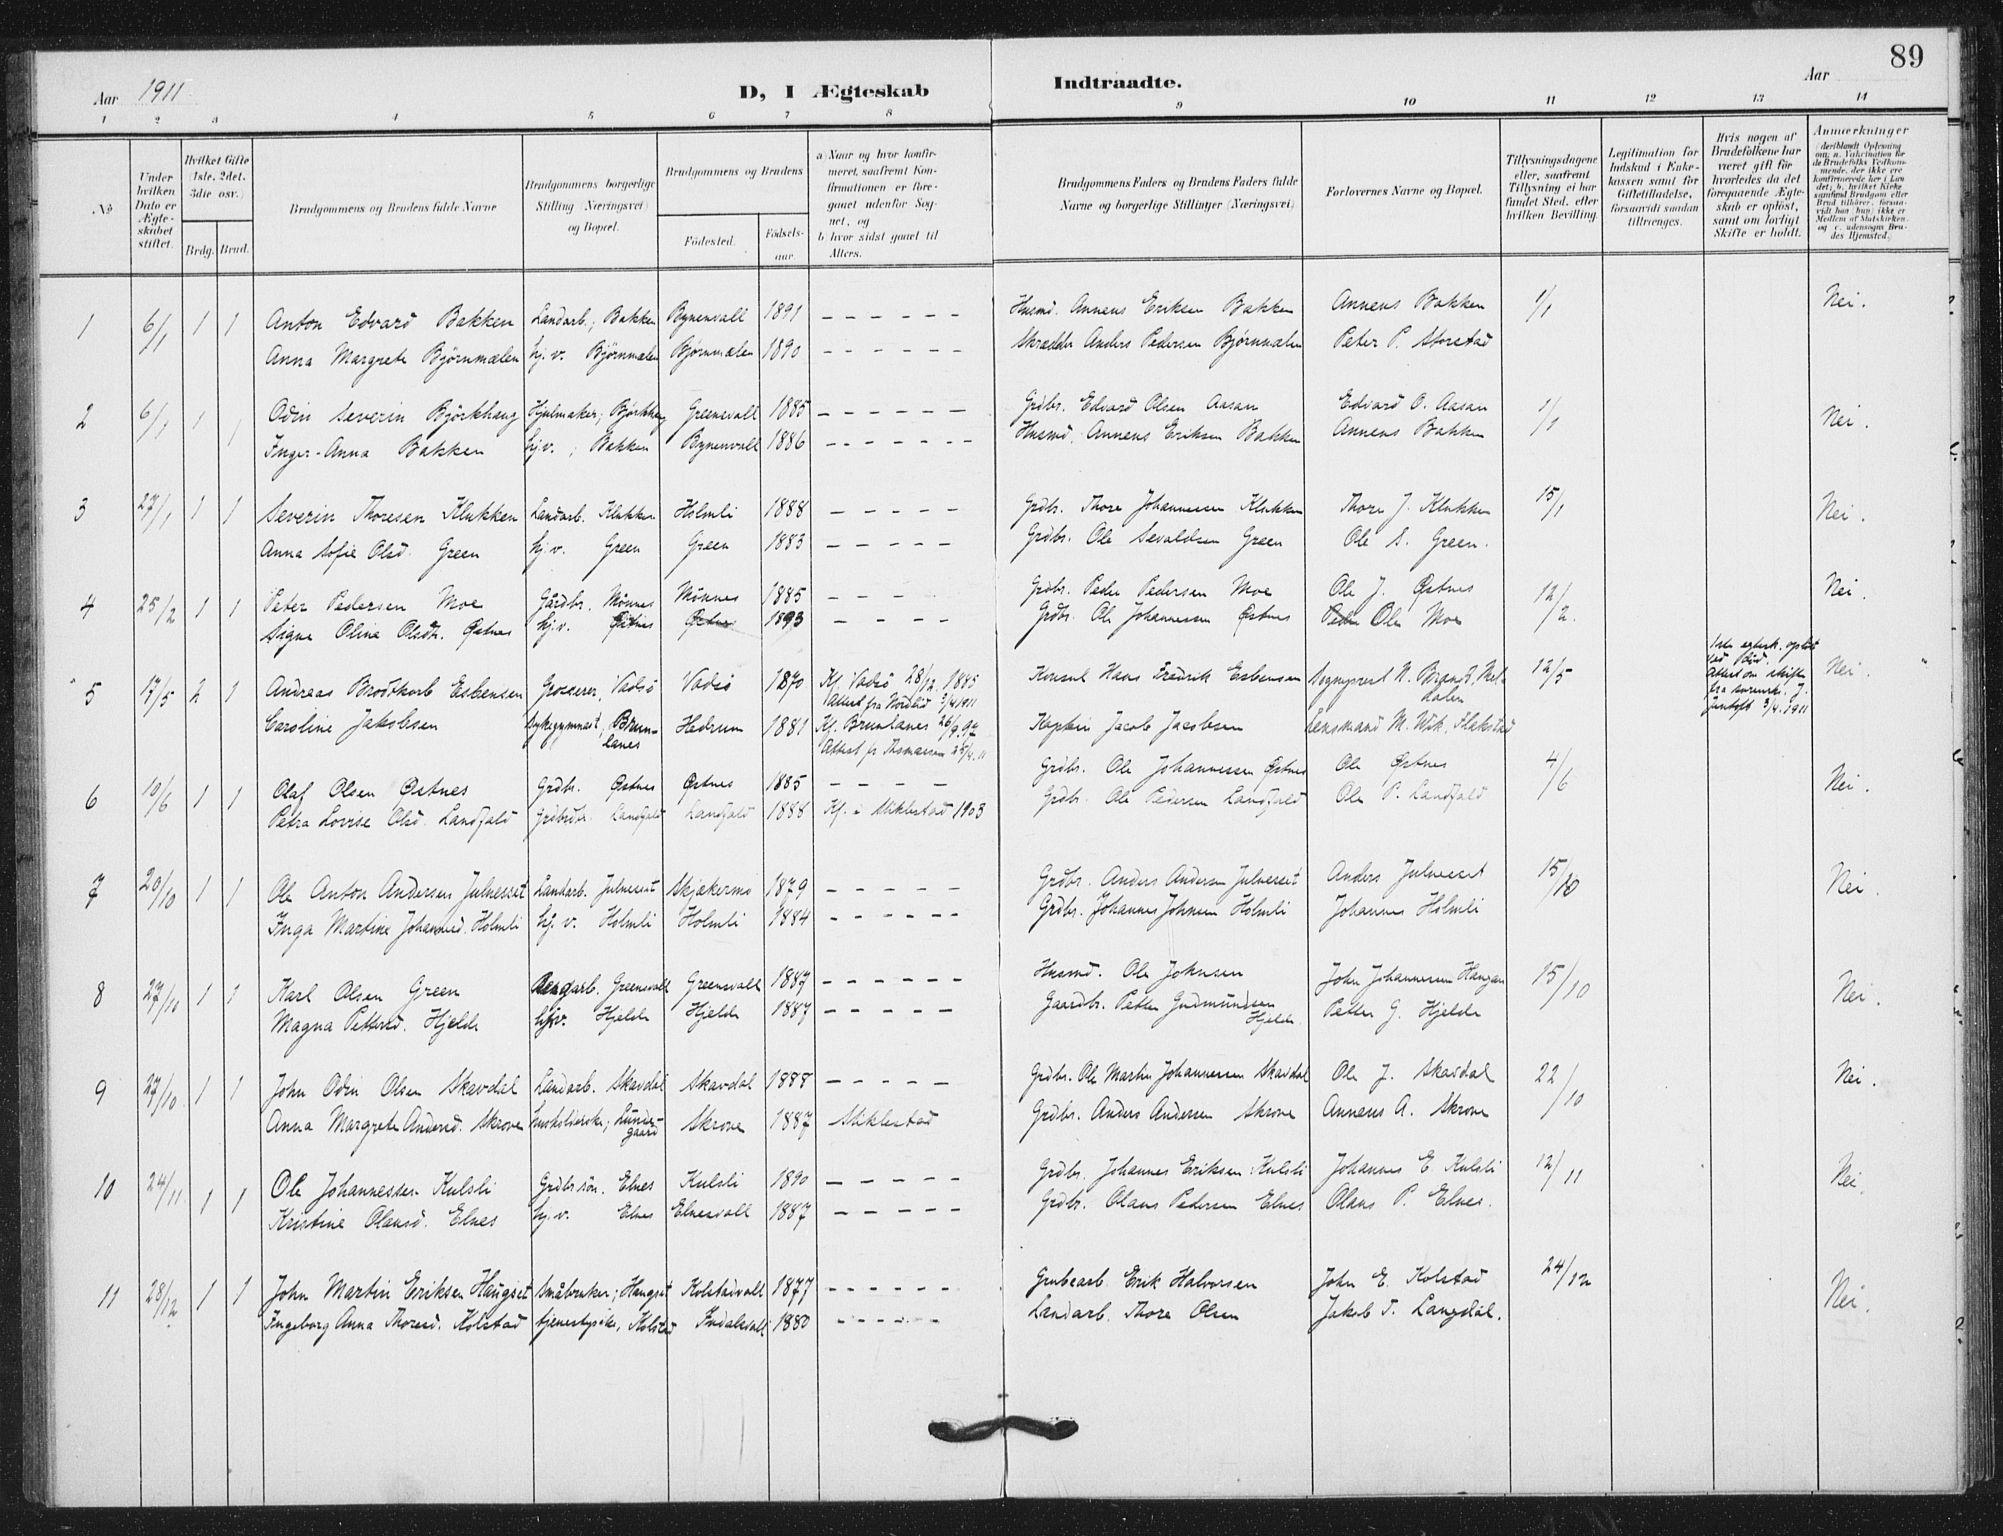 SAT, Ministerialprotokoller, klokkerbøker og fødselsregistre - Nord-Trøndelag, 724/L0264: Ministerialbok nr. 724A02, 1908-1915, s. 89